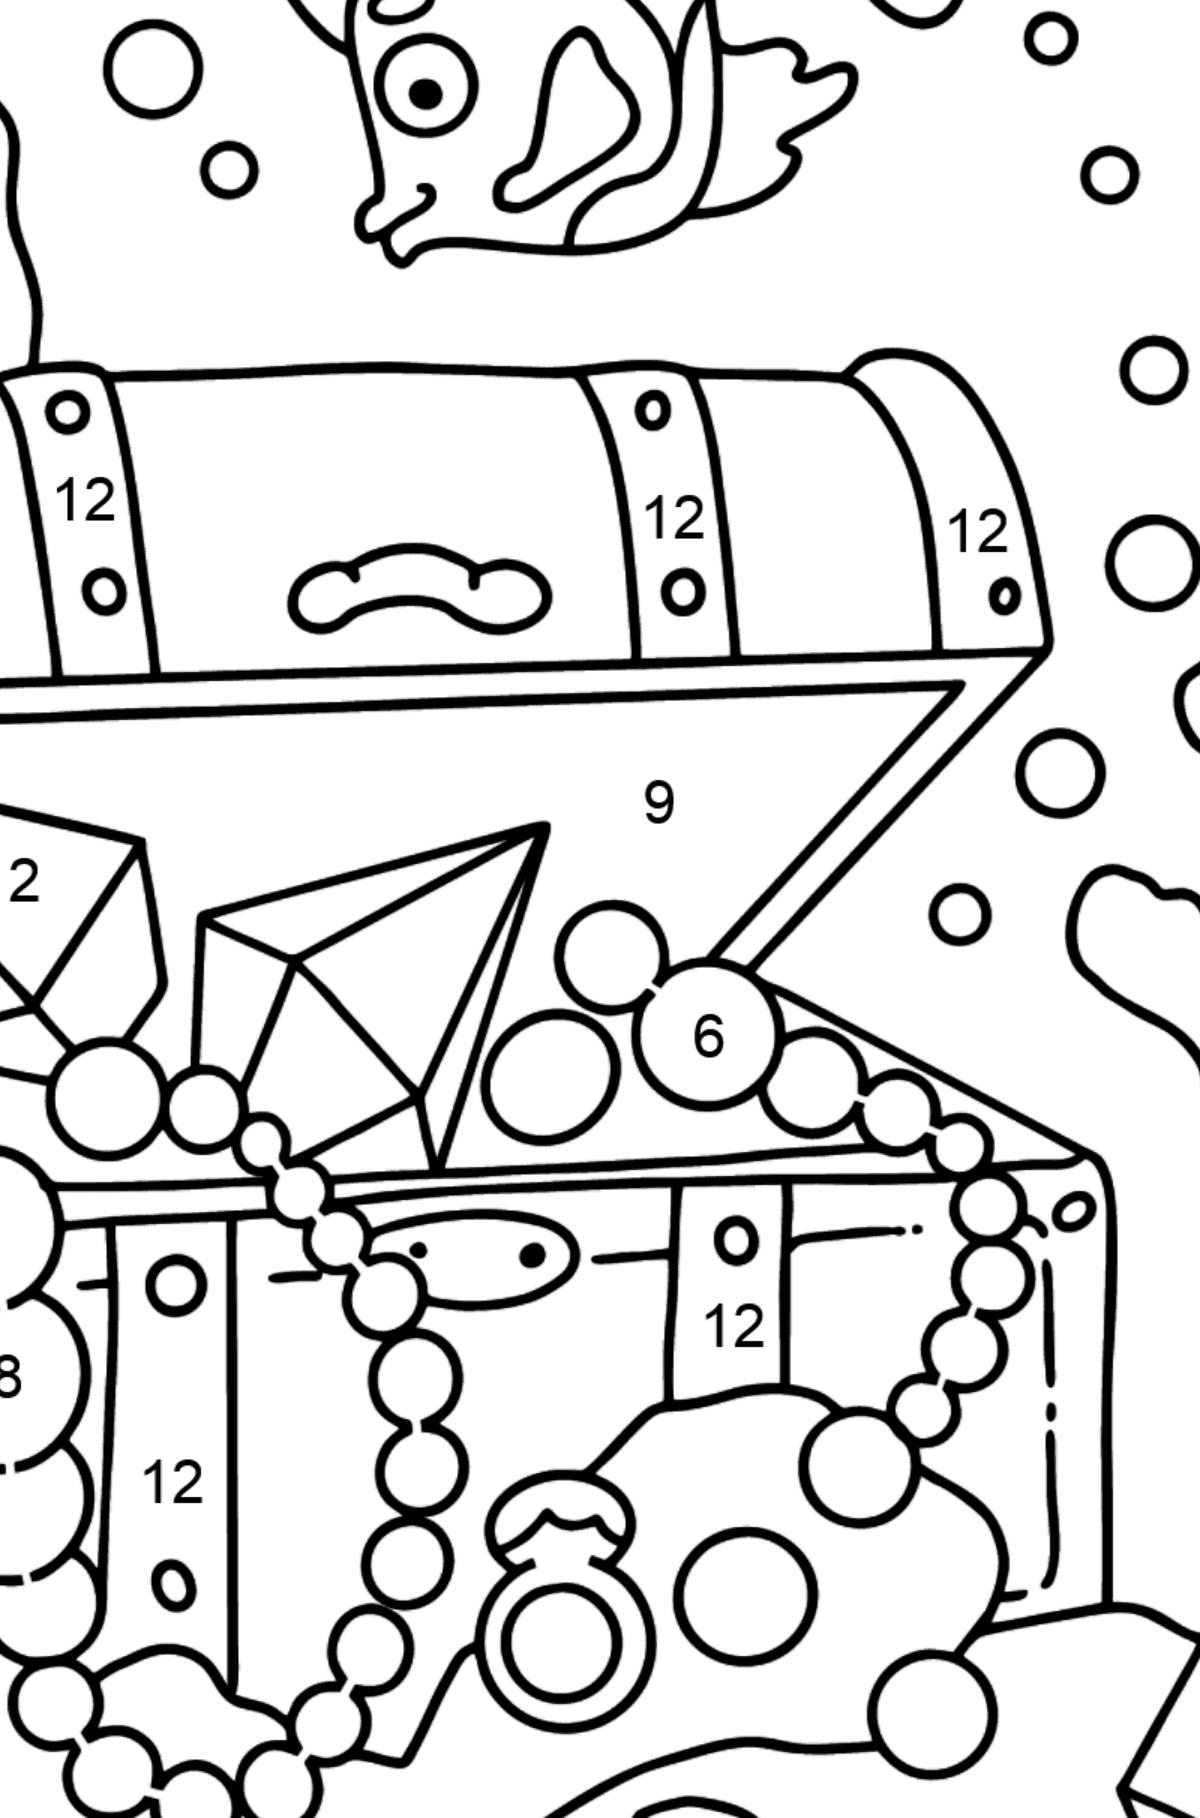 Coloriage facile - Un poisson nage autour de la poitrine d'un pirate - Coloriage par Chiffres pour les Enfants